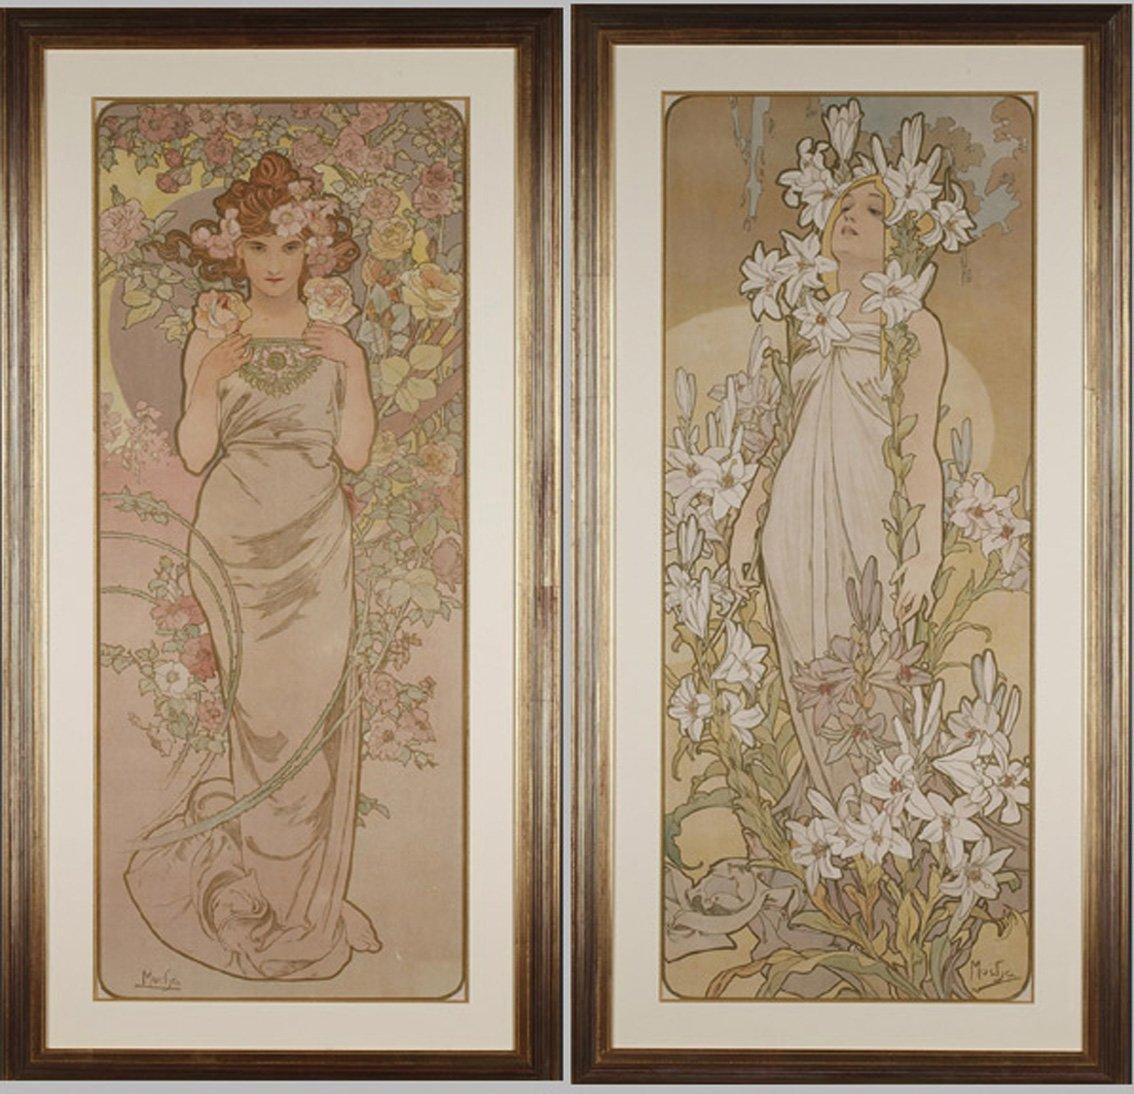 La Rose et Le Lys - Alphonse Mucha (1860-1939)